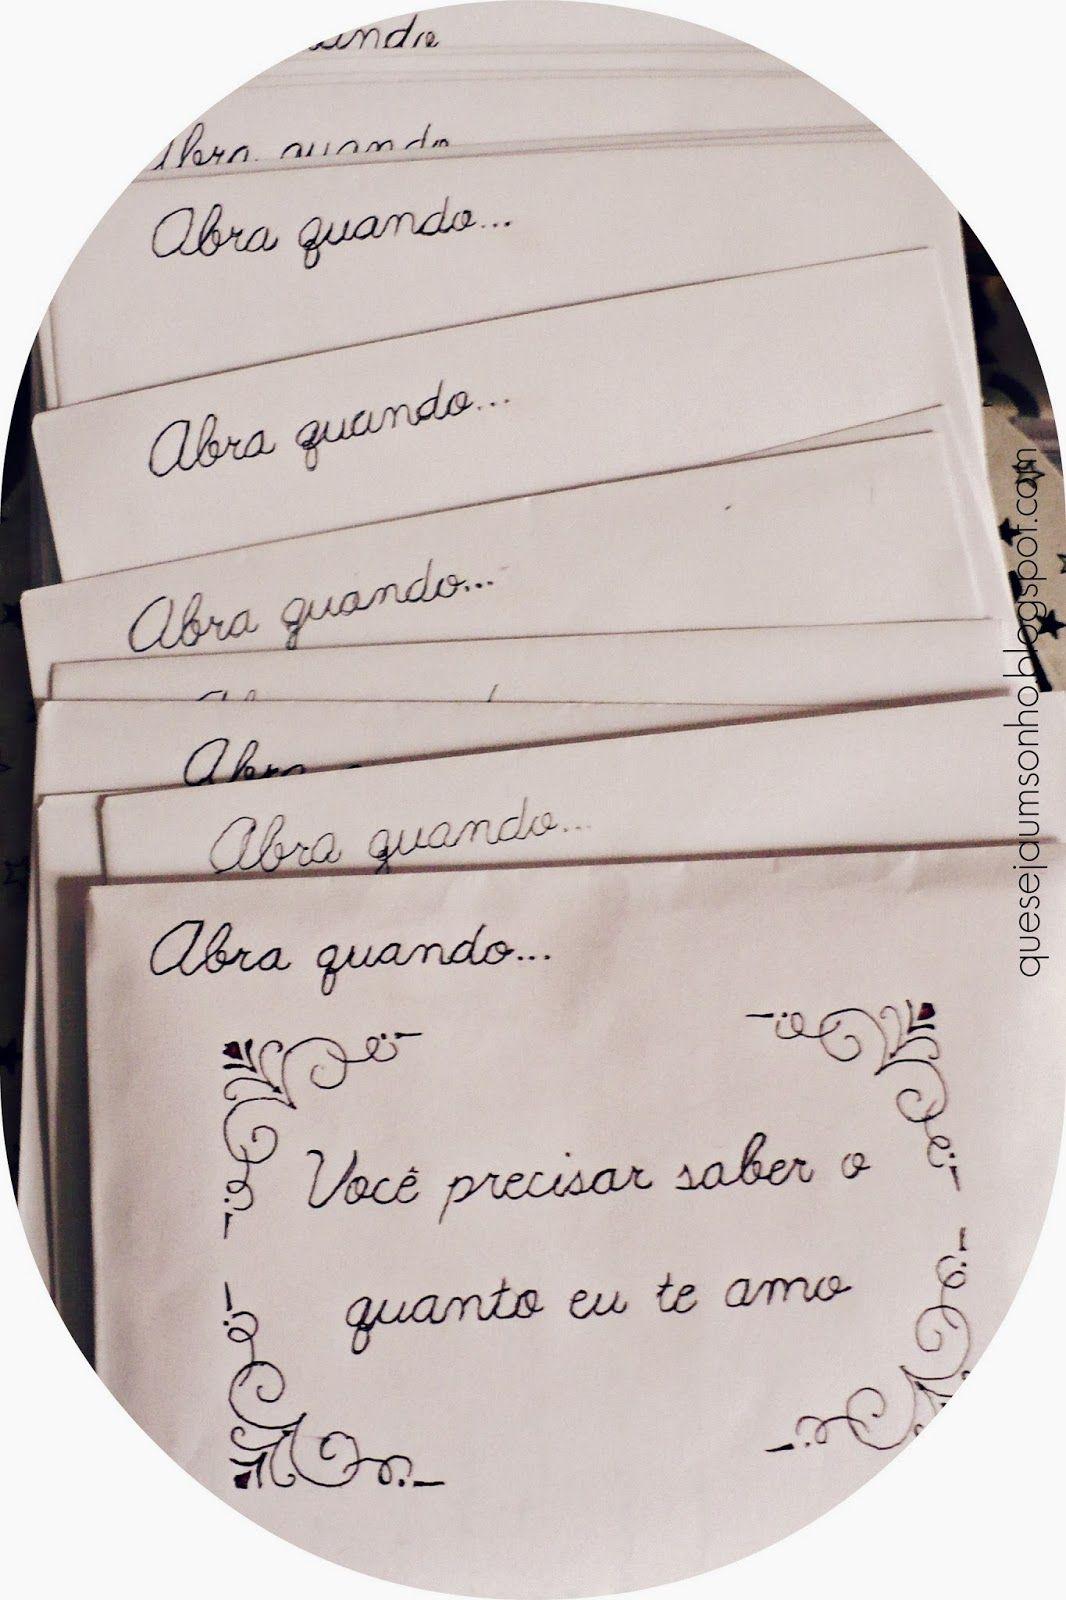 Diy Ideias De Presentes Para Namorados Cartas Abra Quando